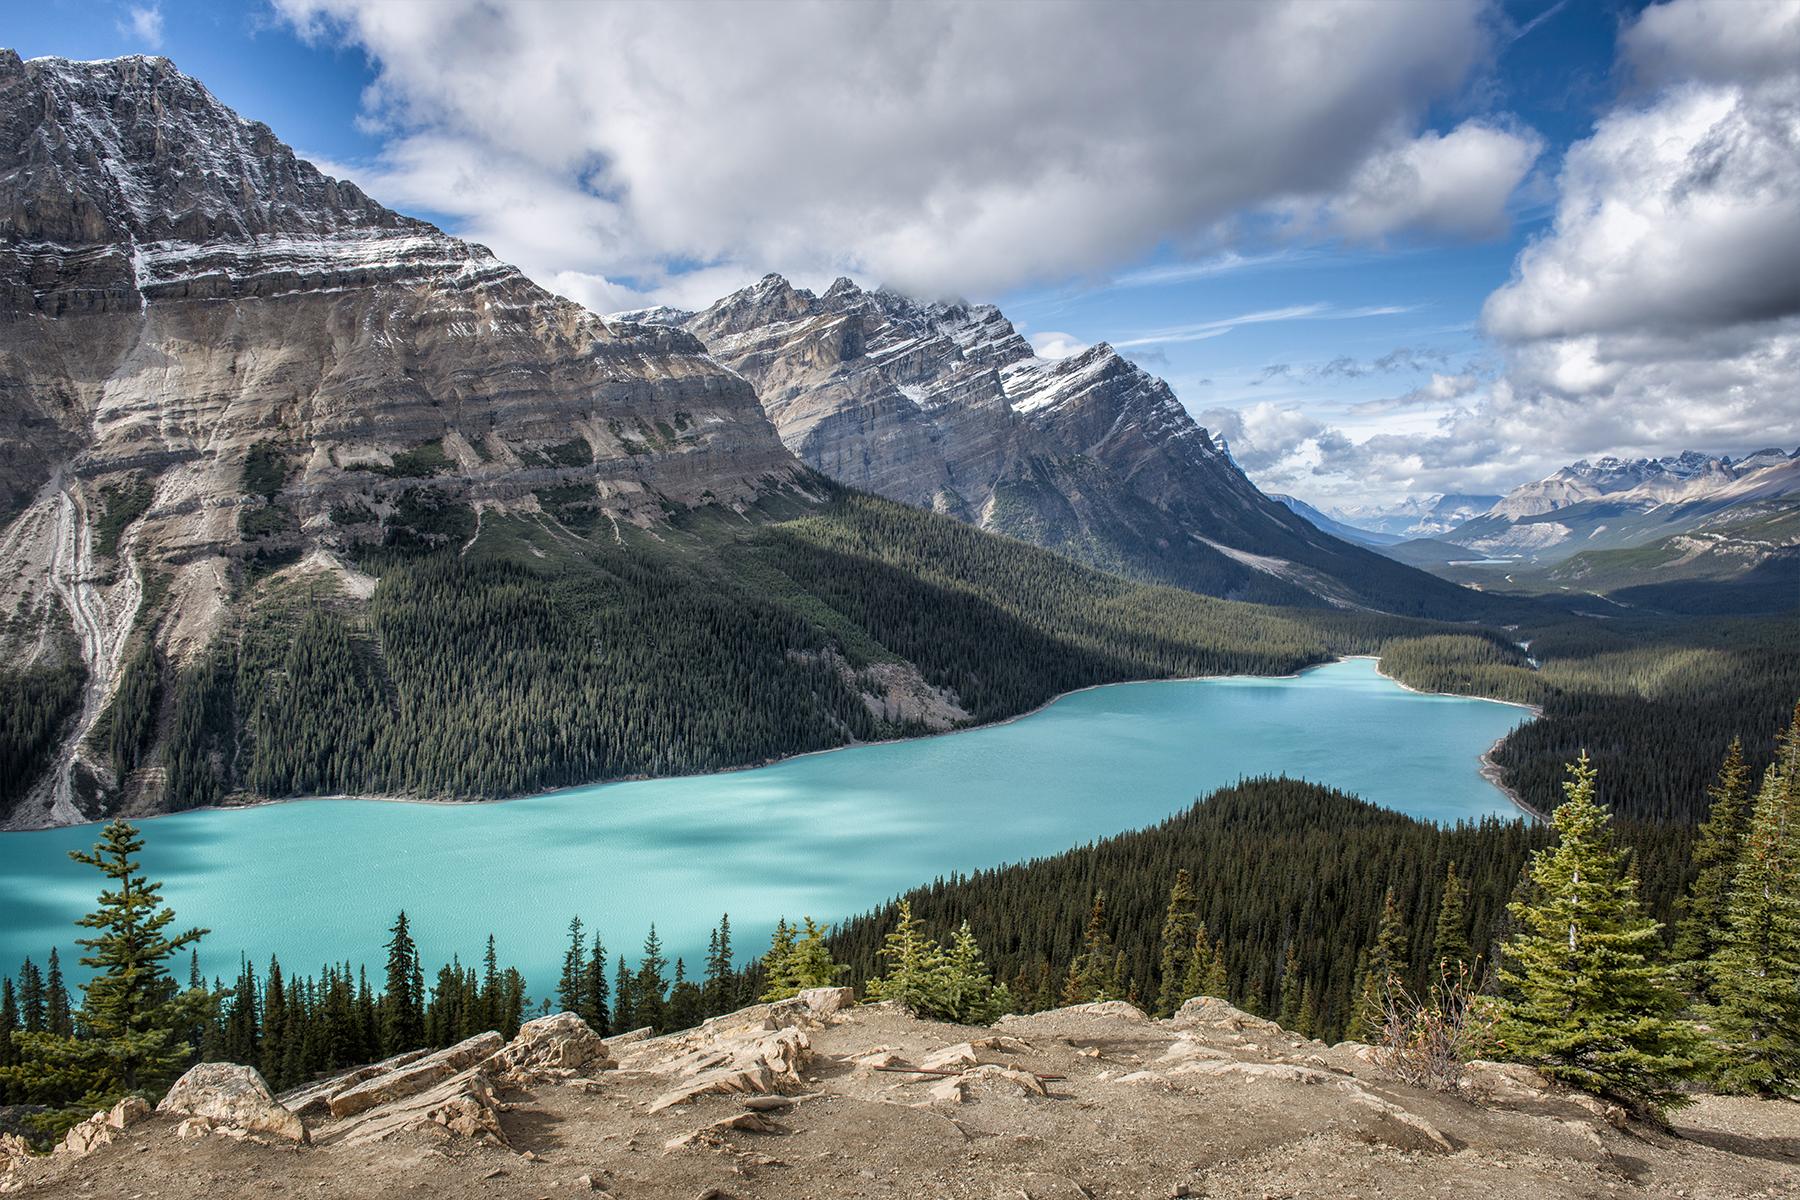 Alberta (Canadá): cosas que hacer en Alberta y lugares para visitar